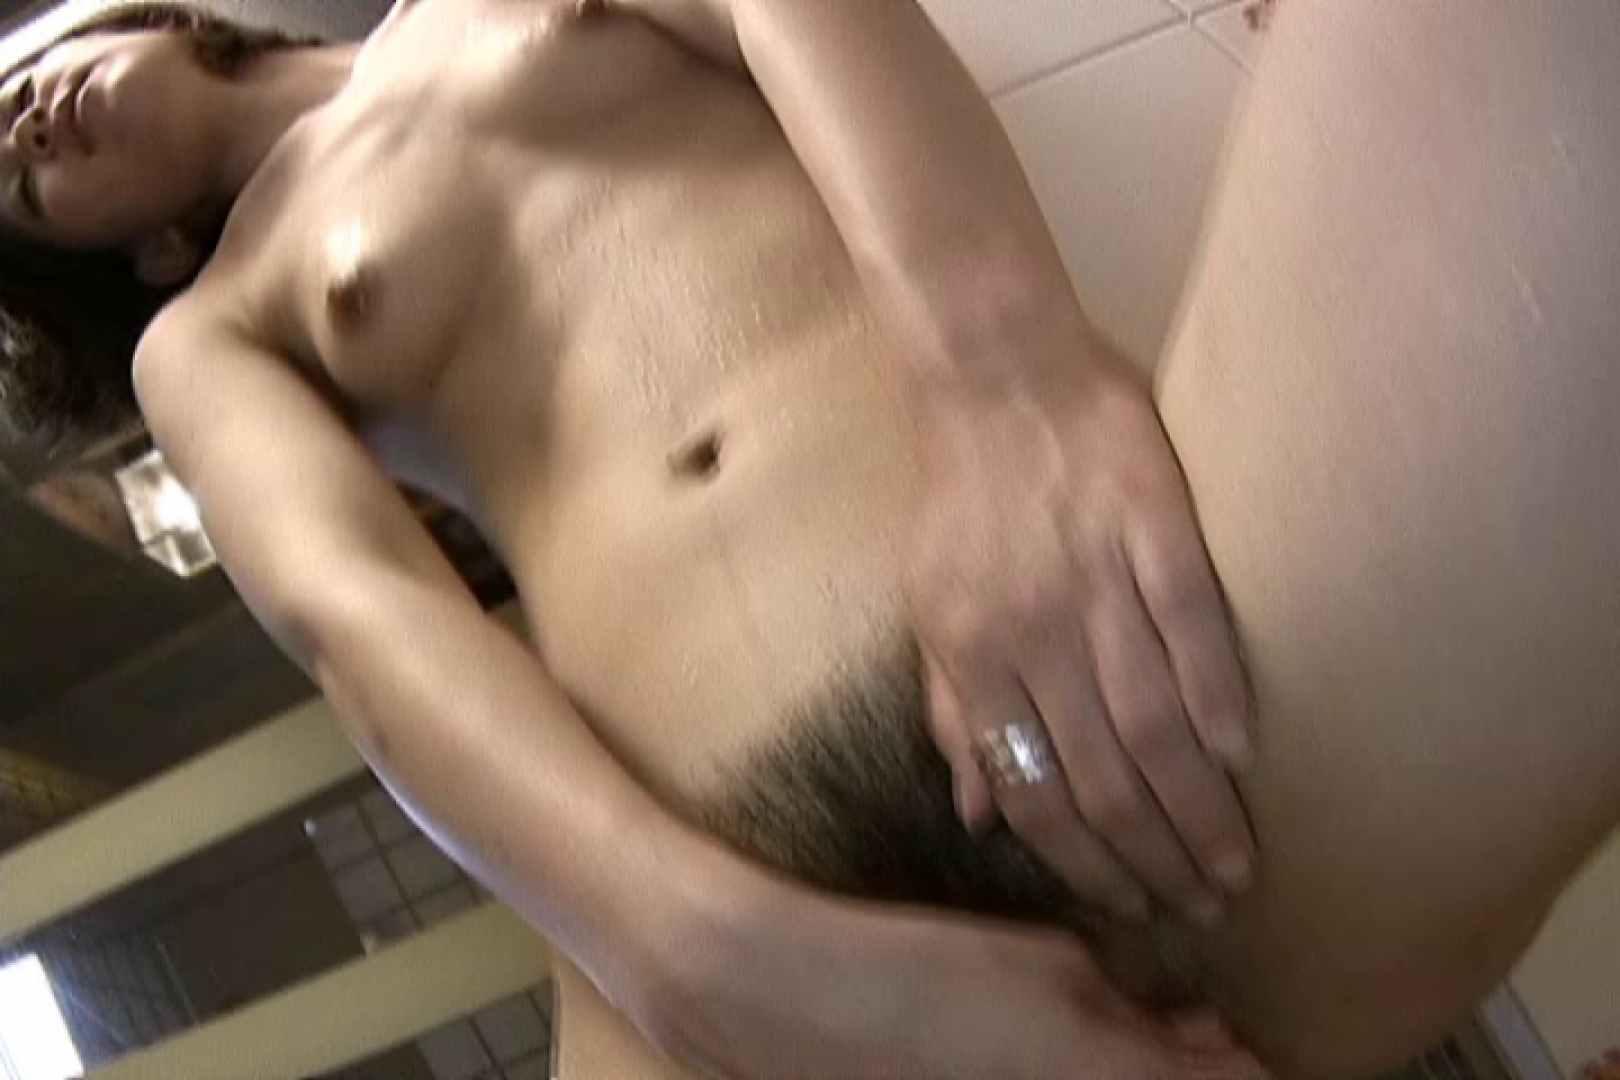 素人モデル撮っちゃいました chisa02 ぽっちゃり女性 オメコ無修正動画無料 112pic 99